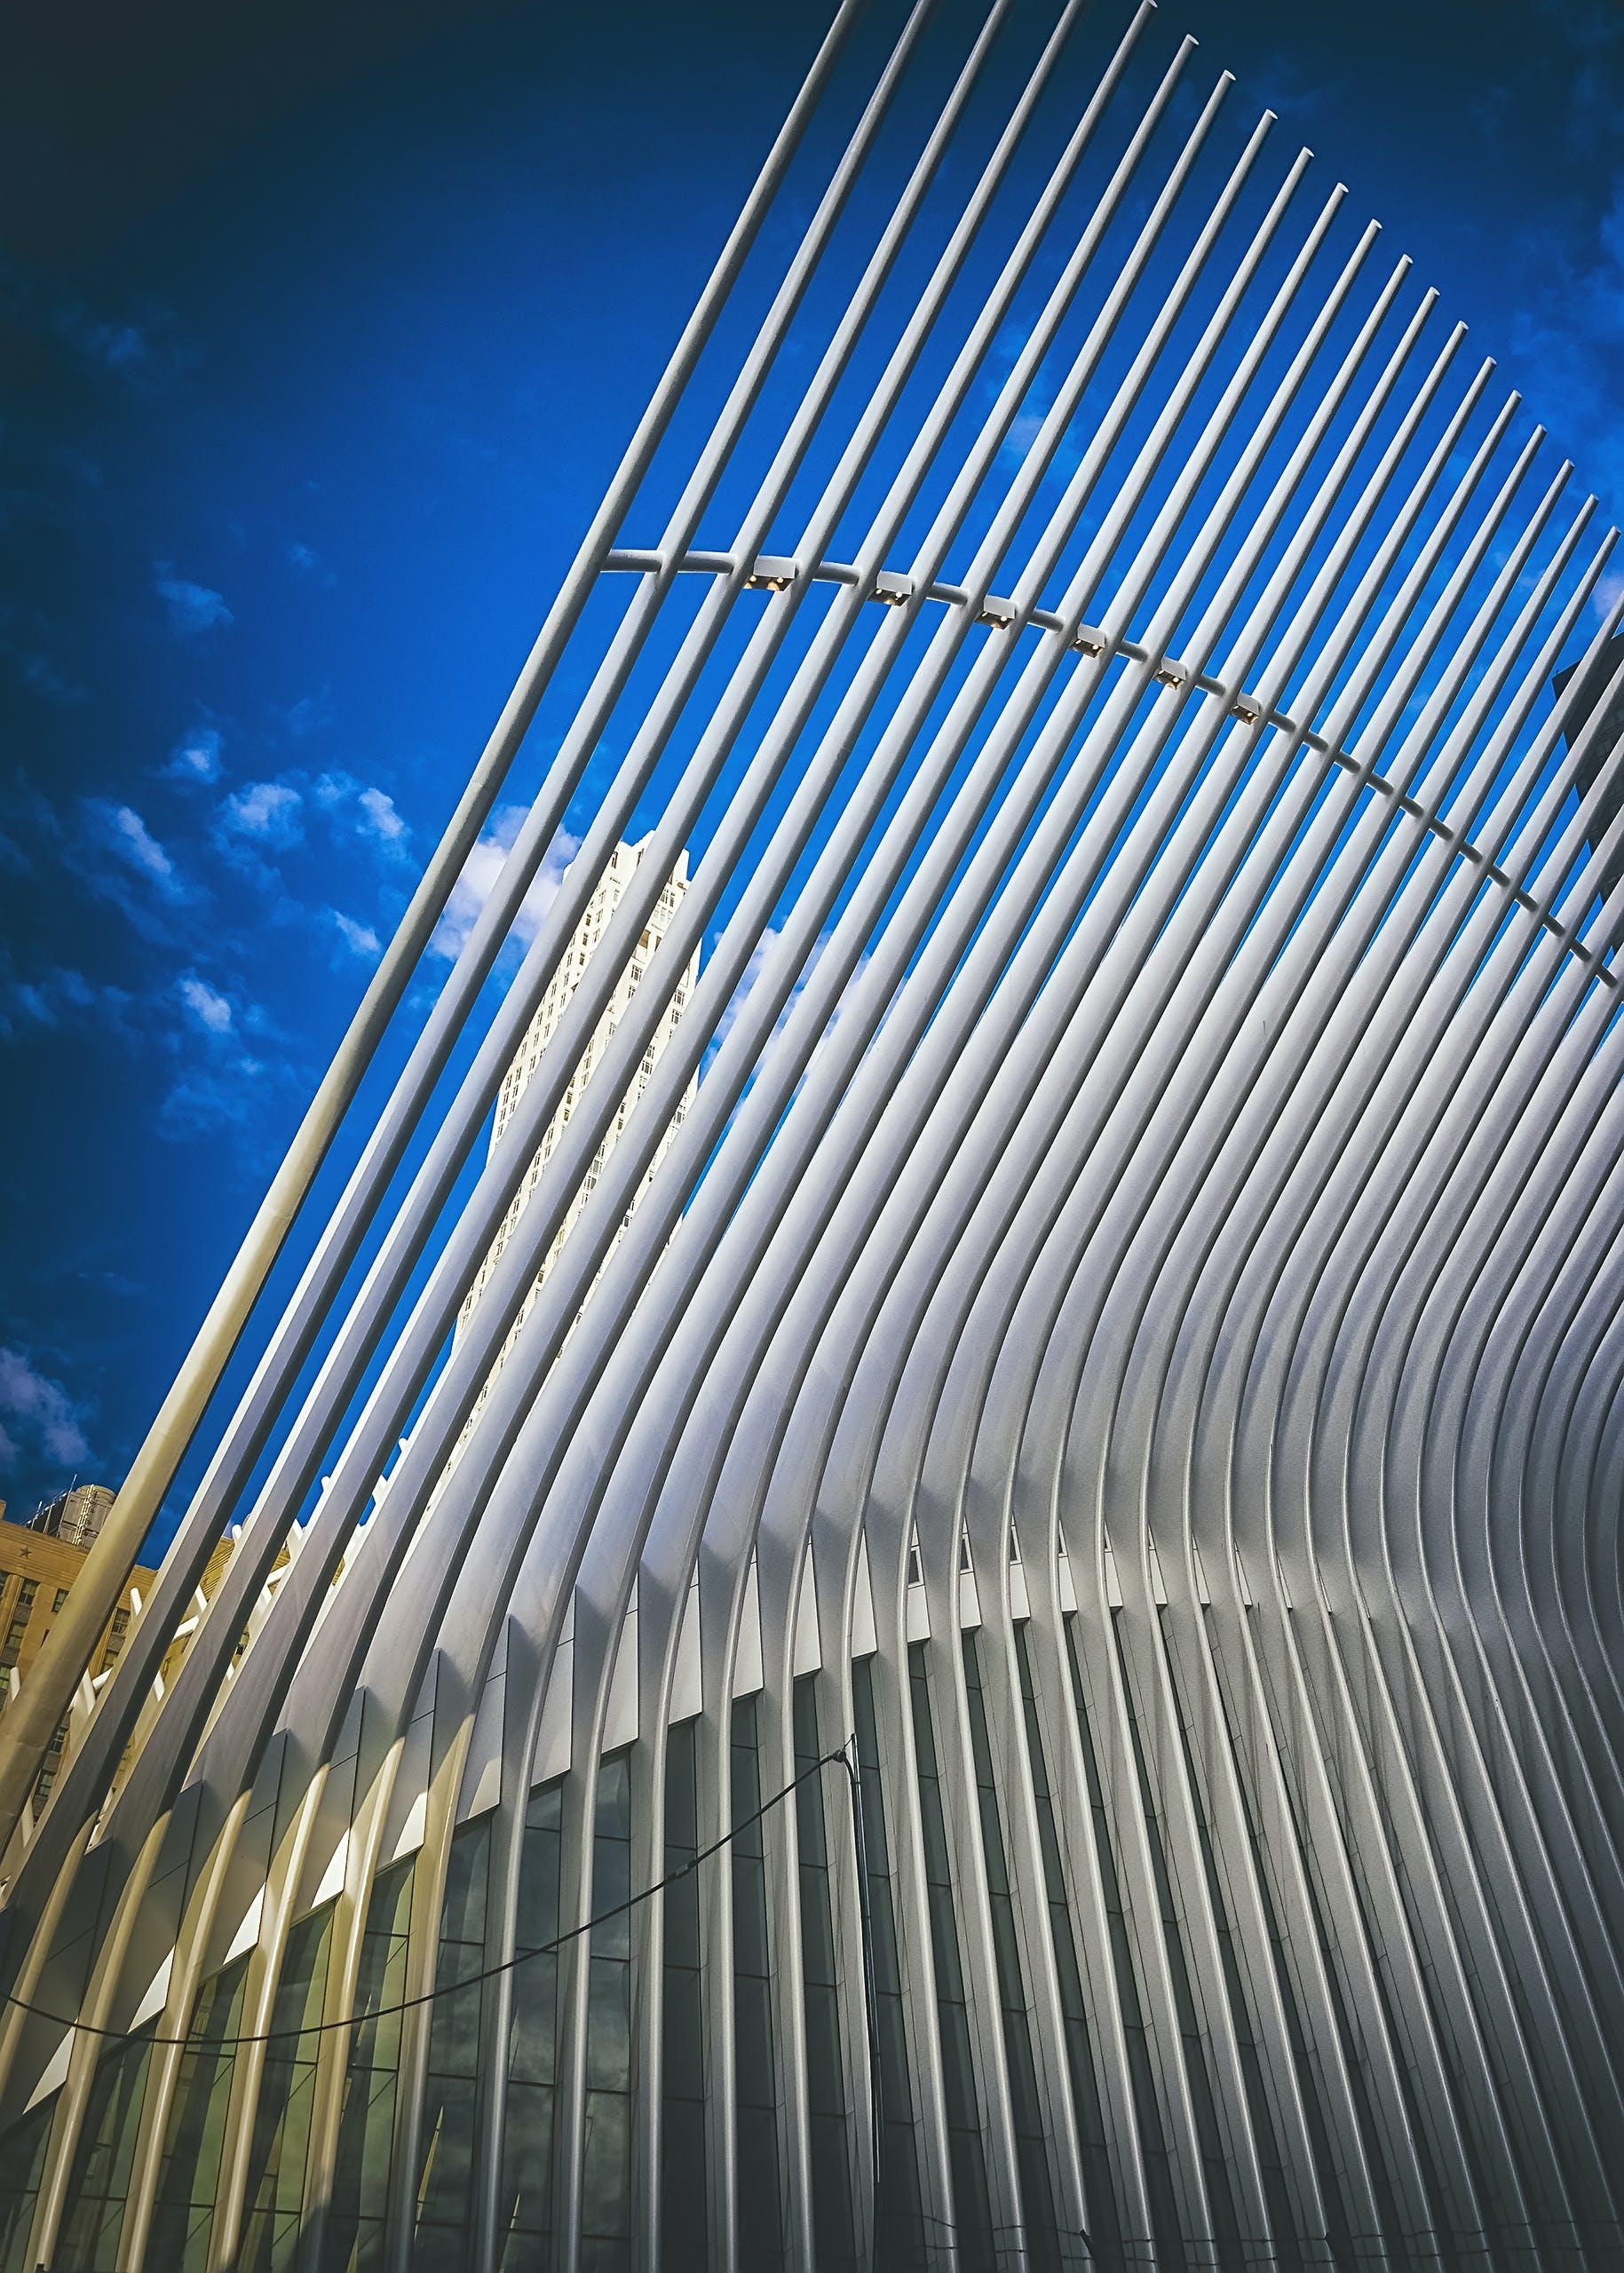 オクルス, オクルスの建物, ローワーマンハッタン, 交通ハブの無料の写真素材